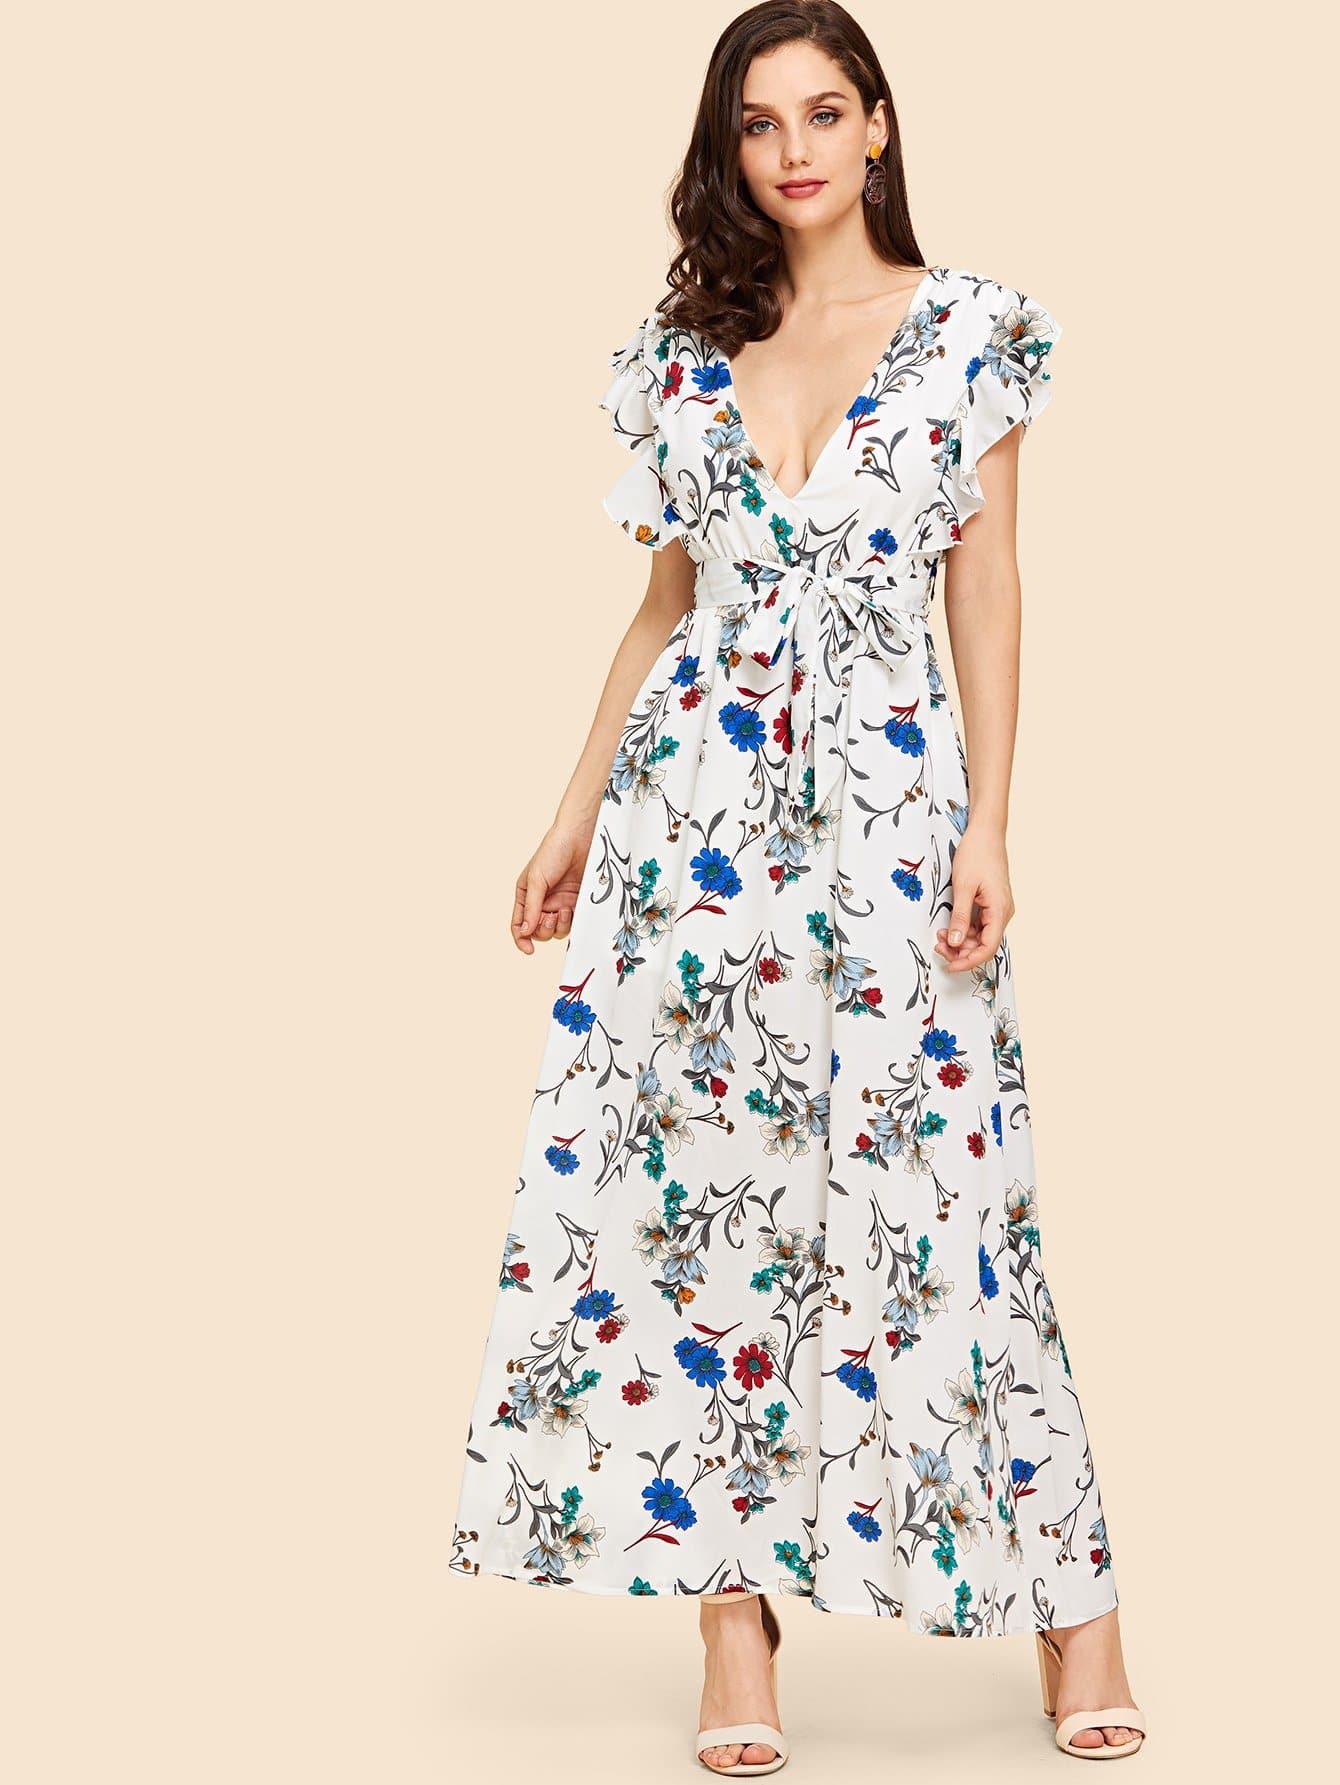 Купить Платье с поясным поясом, Julie H., SheIn